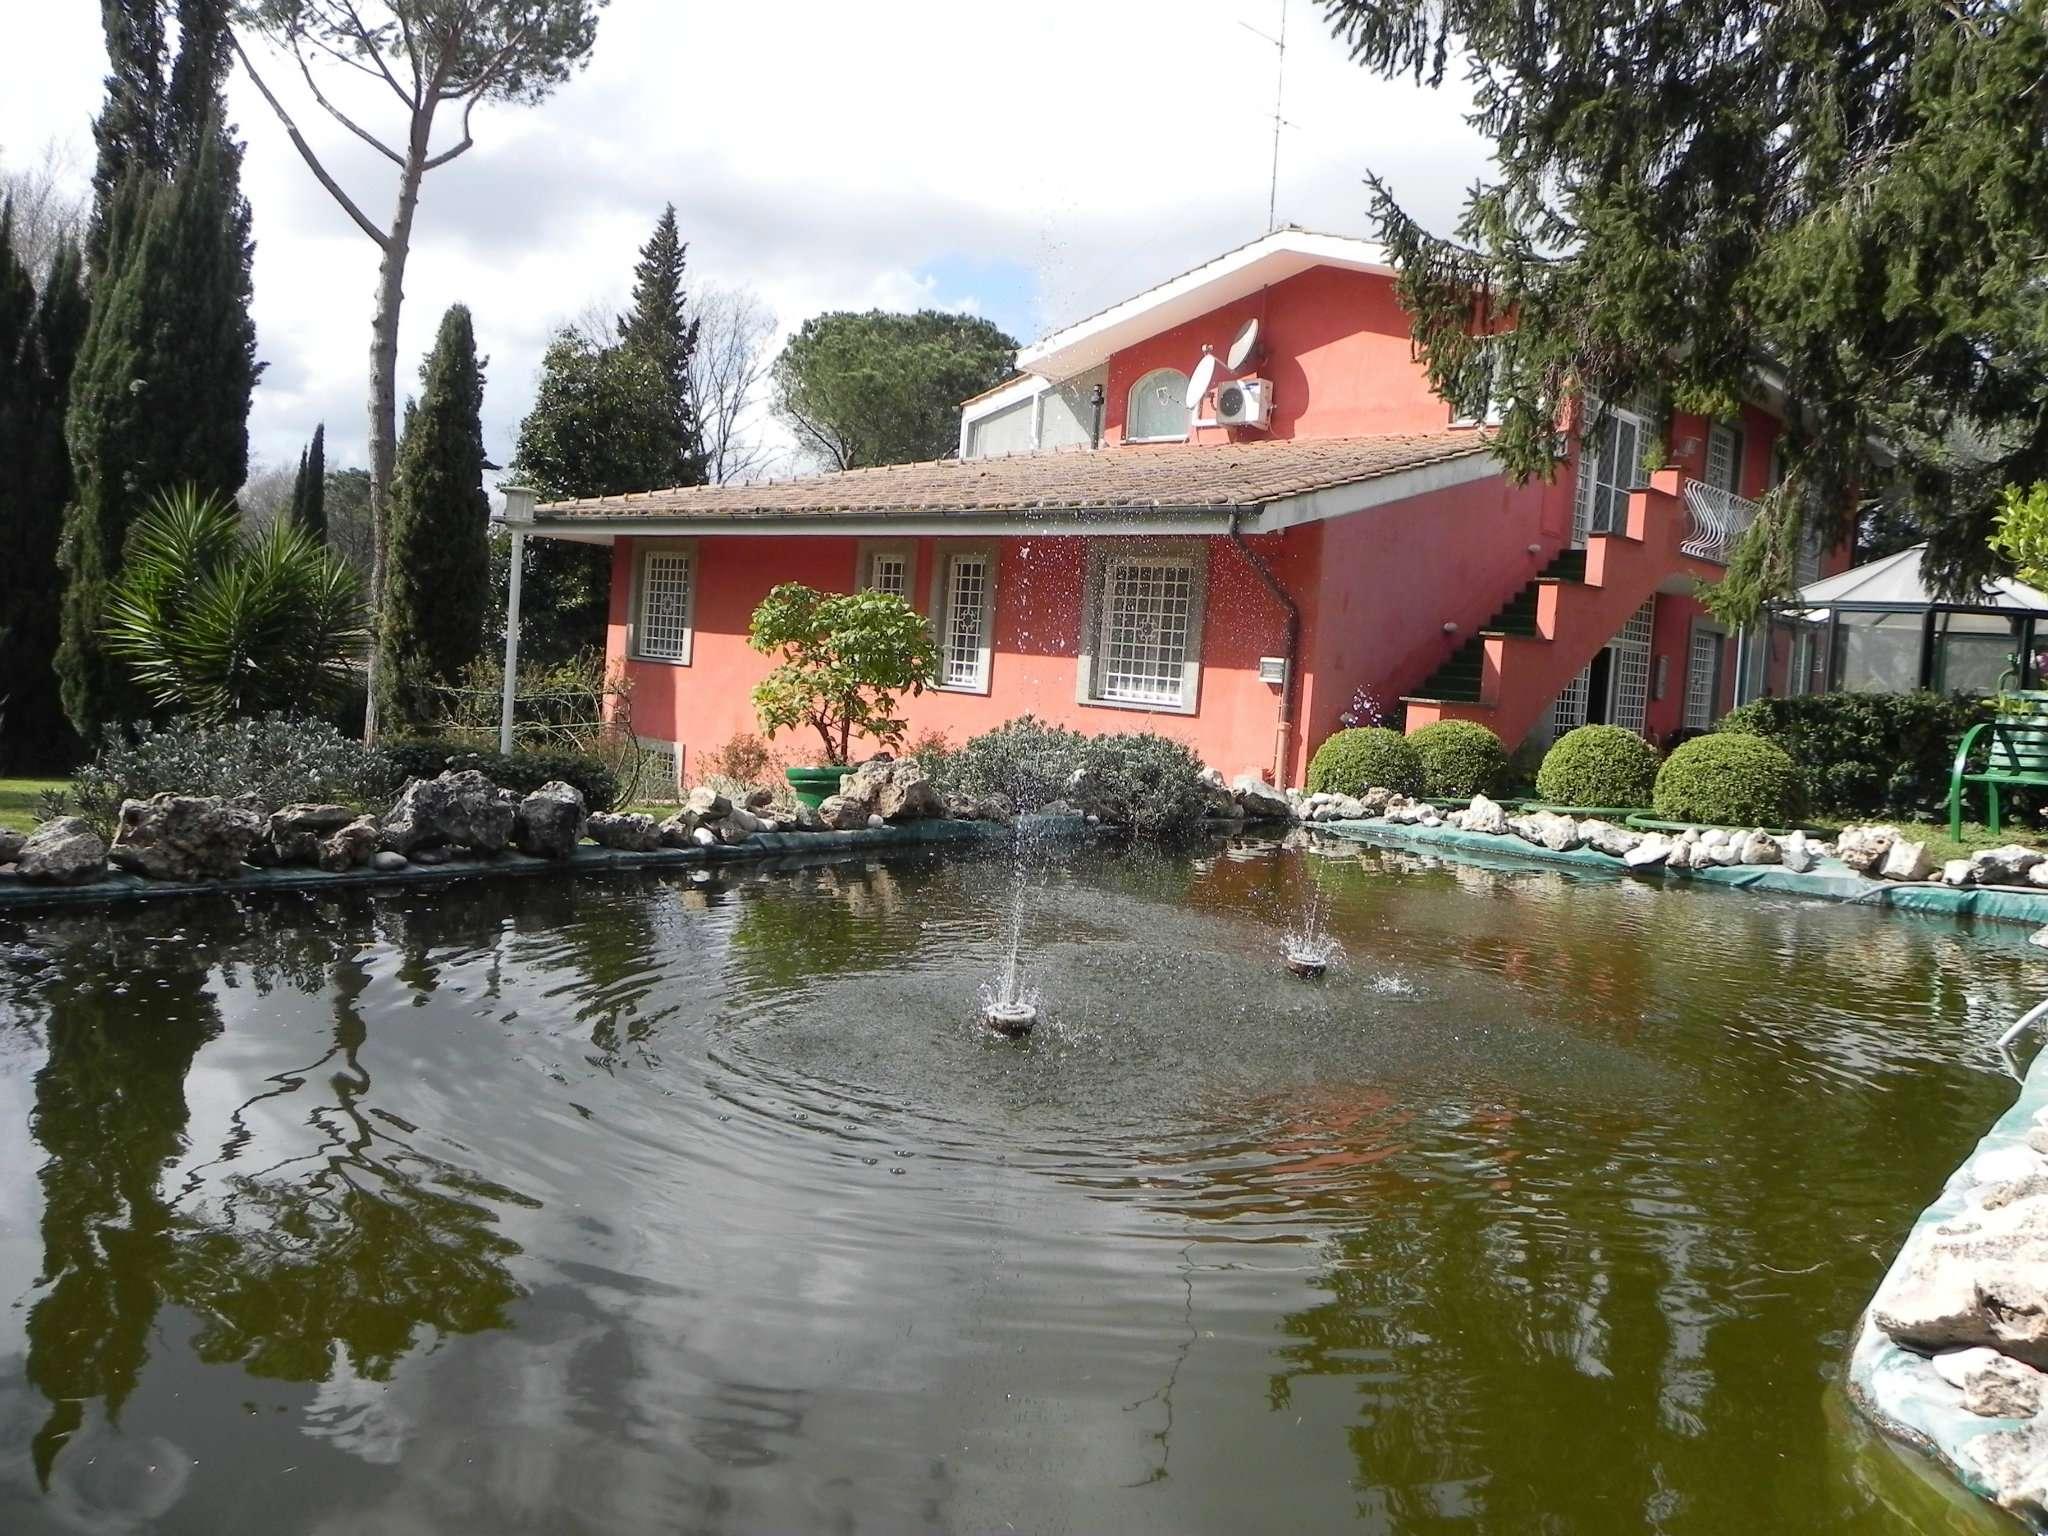 Villa con piscina a roma pag 2 - Villa con piscina roma ...